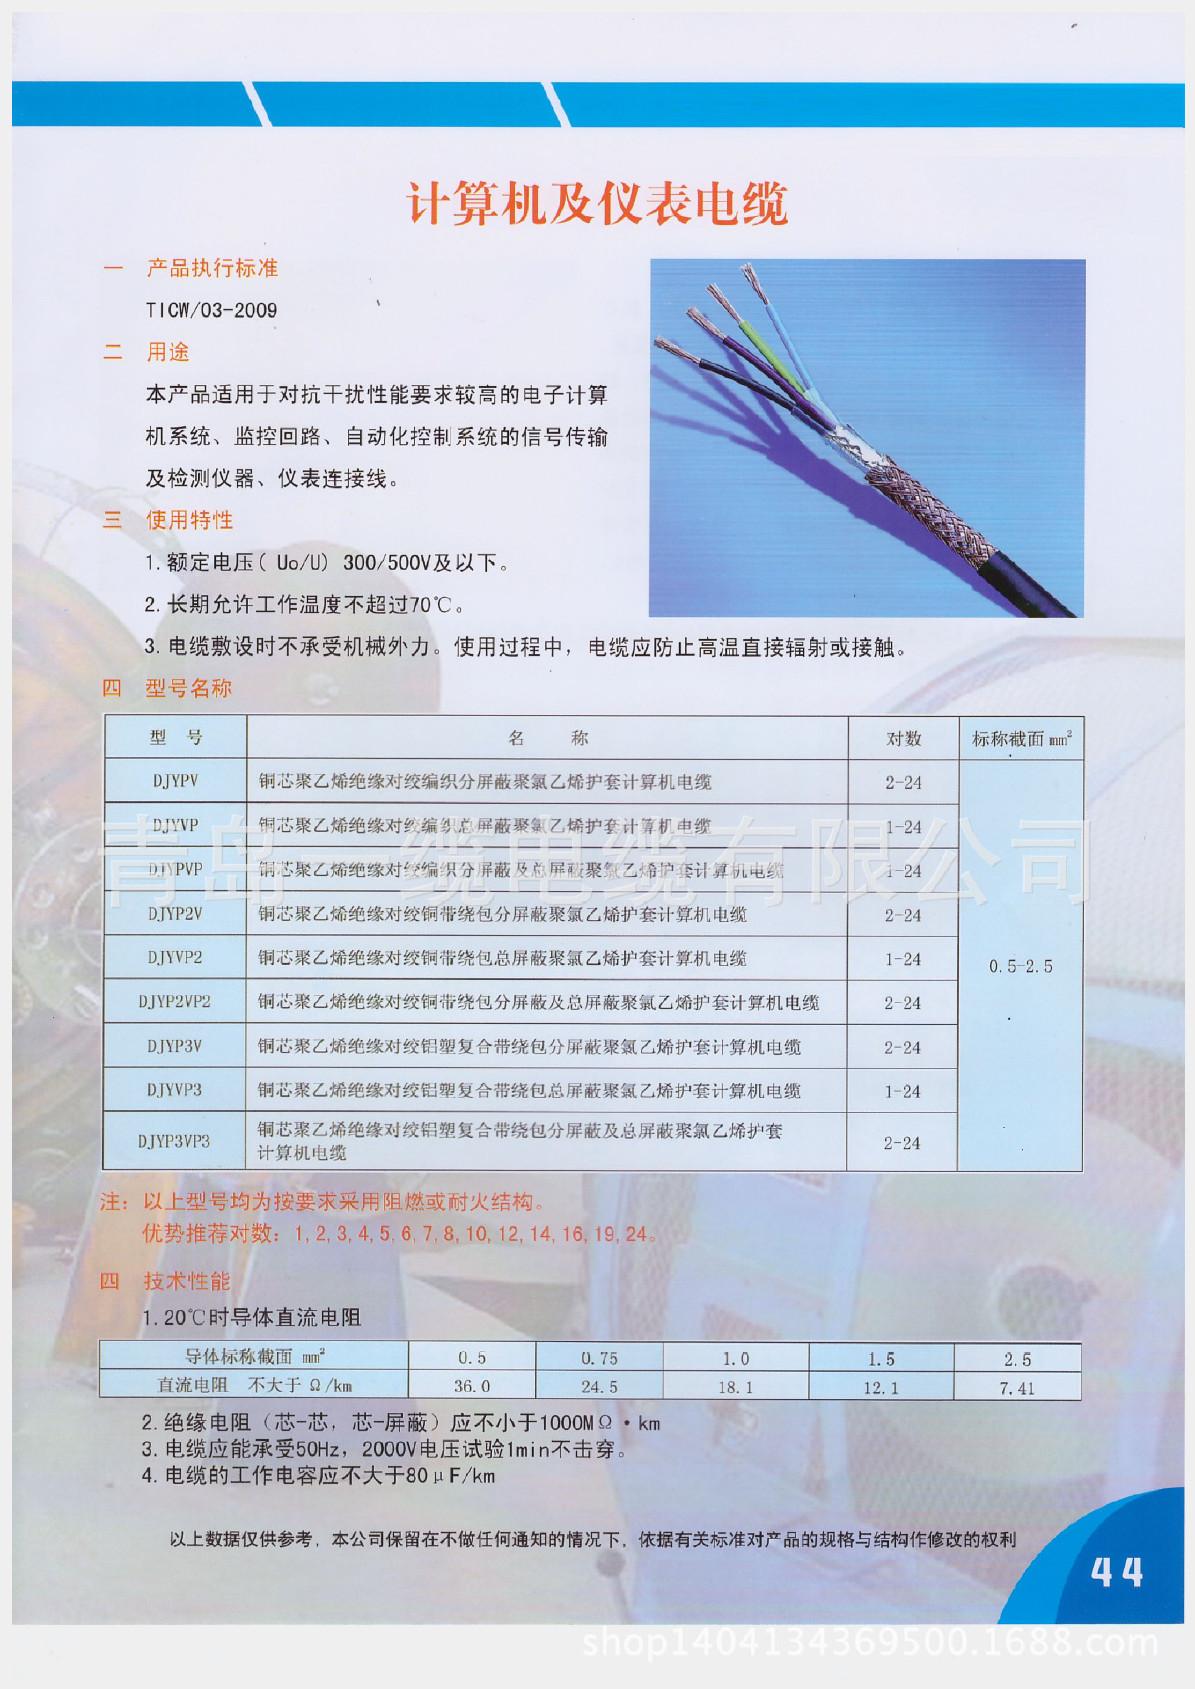 廠家供應 儀表電纜 計算機電纜 通信電纜 控制電纜【圖】示例圖28